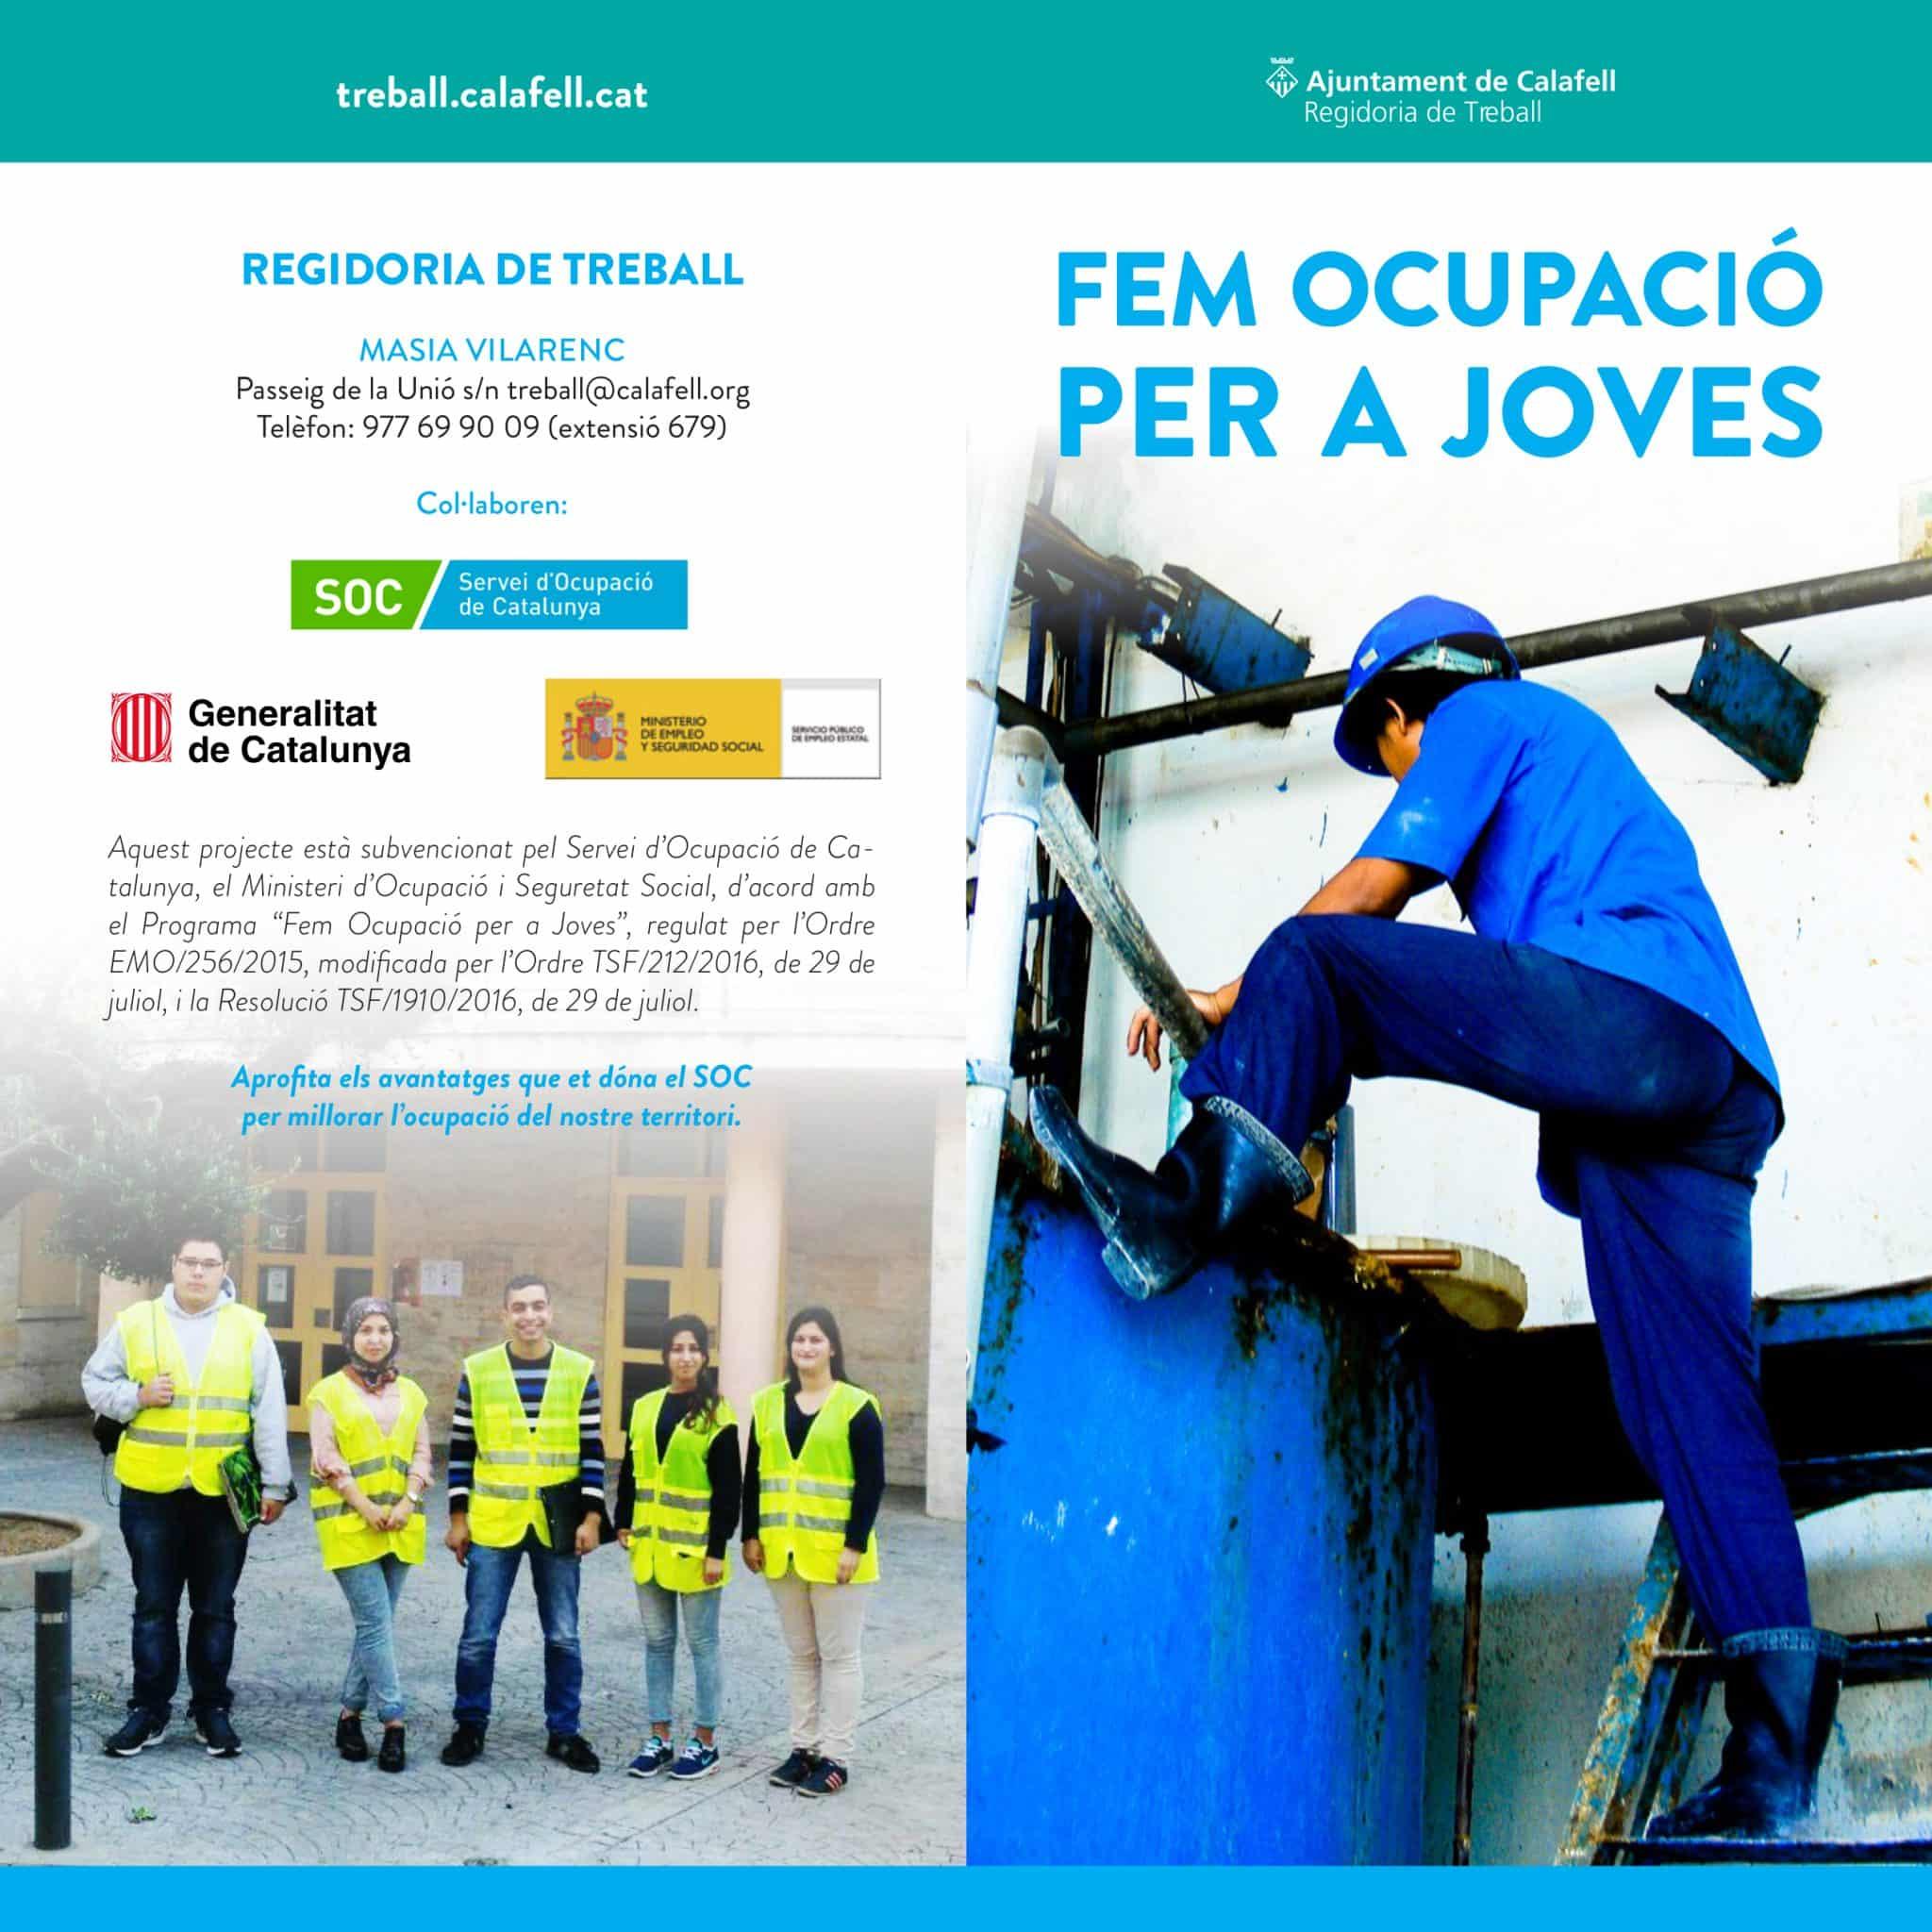 Ofertes del programa FEM OCUPACIÓ PER A JOVES (Calafell)